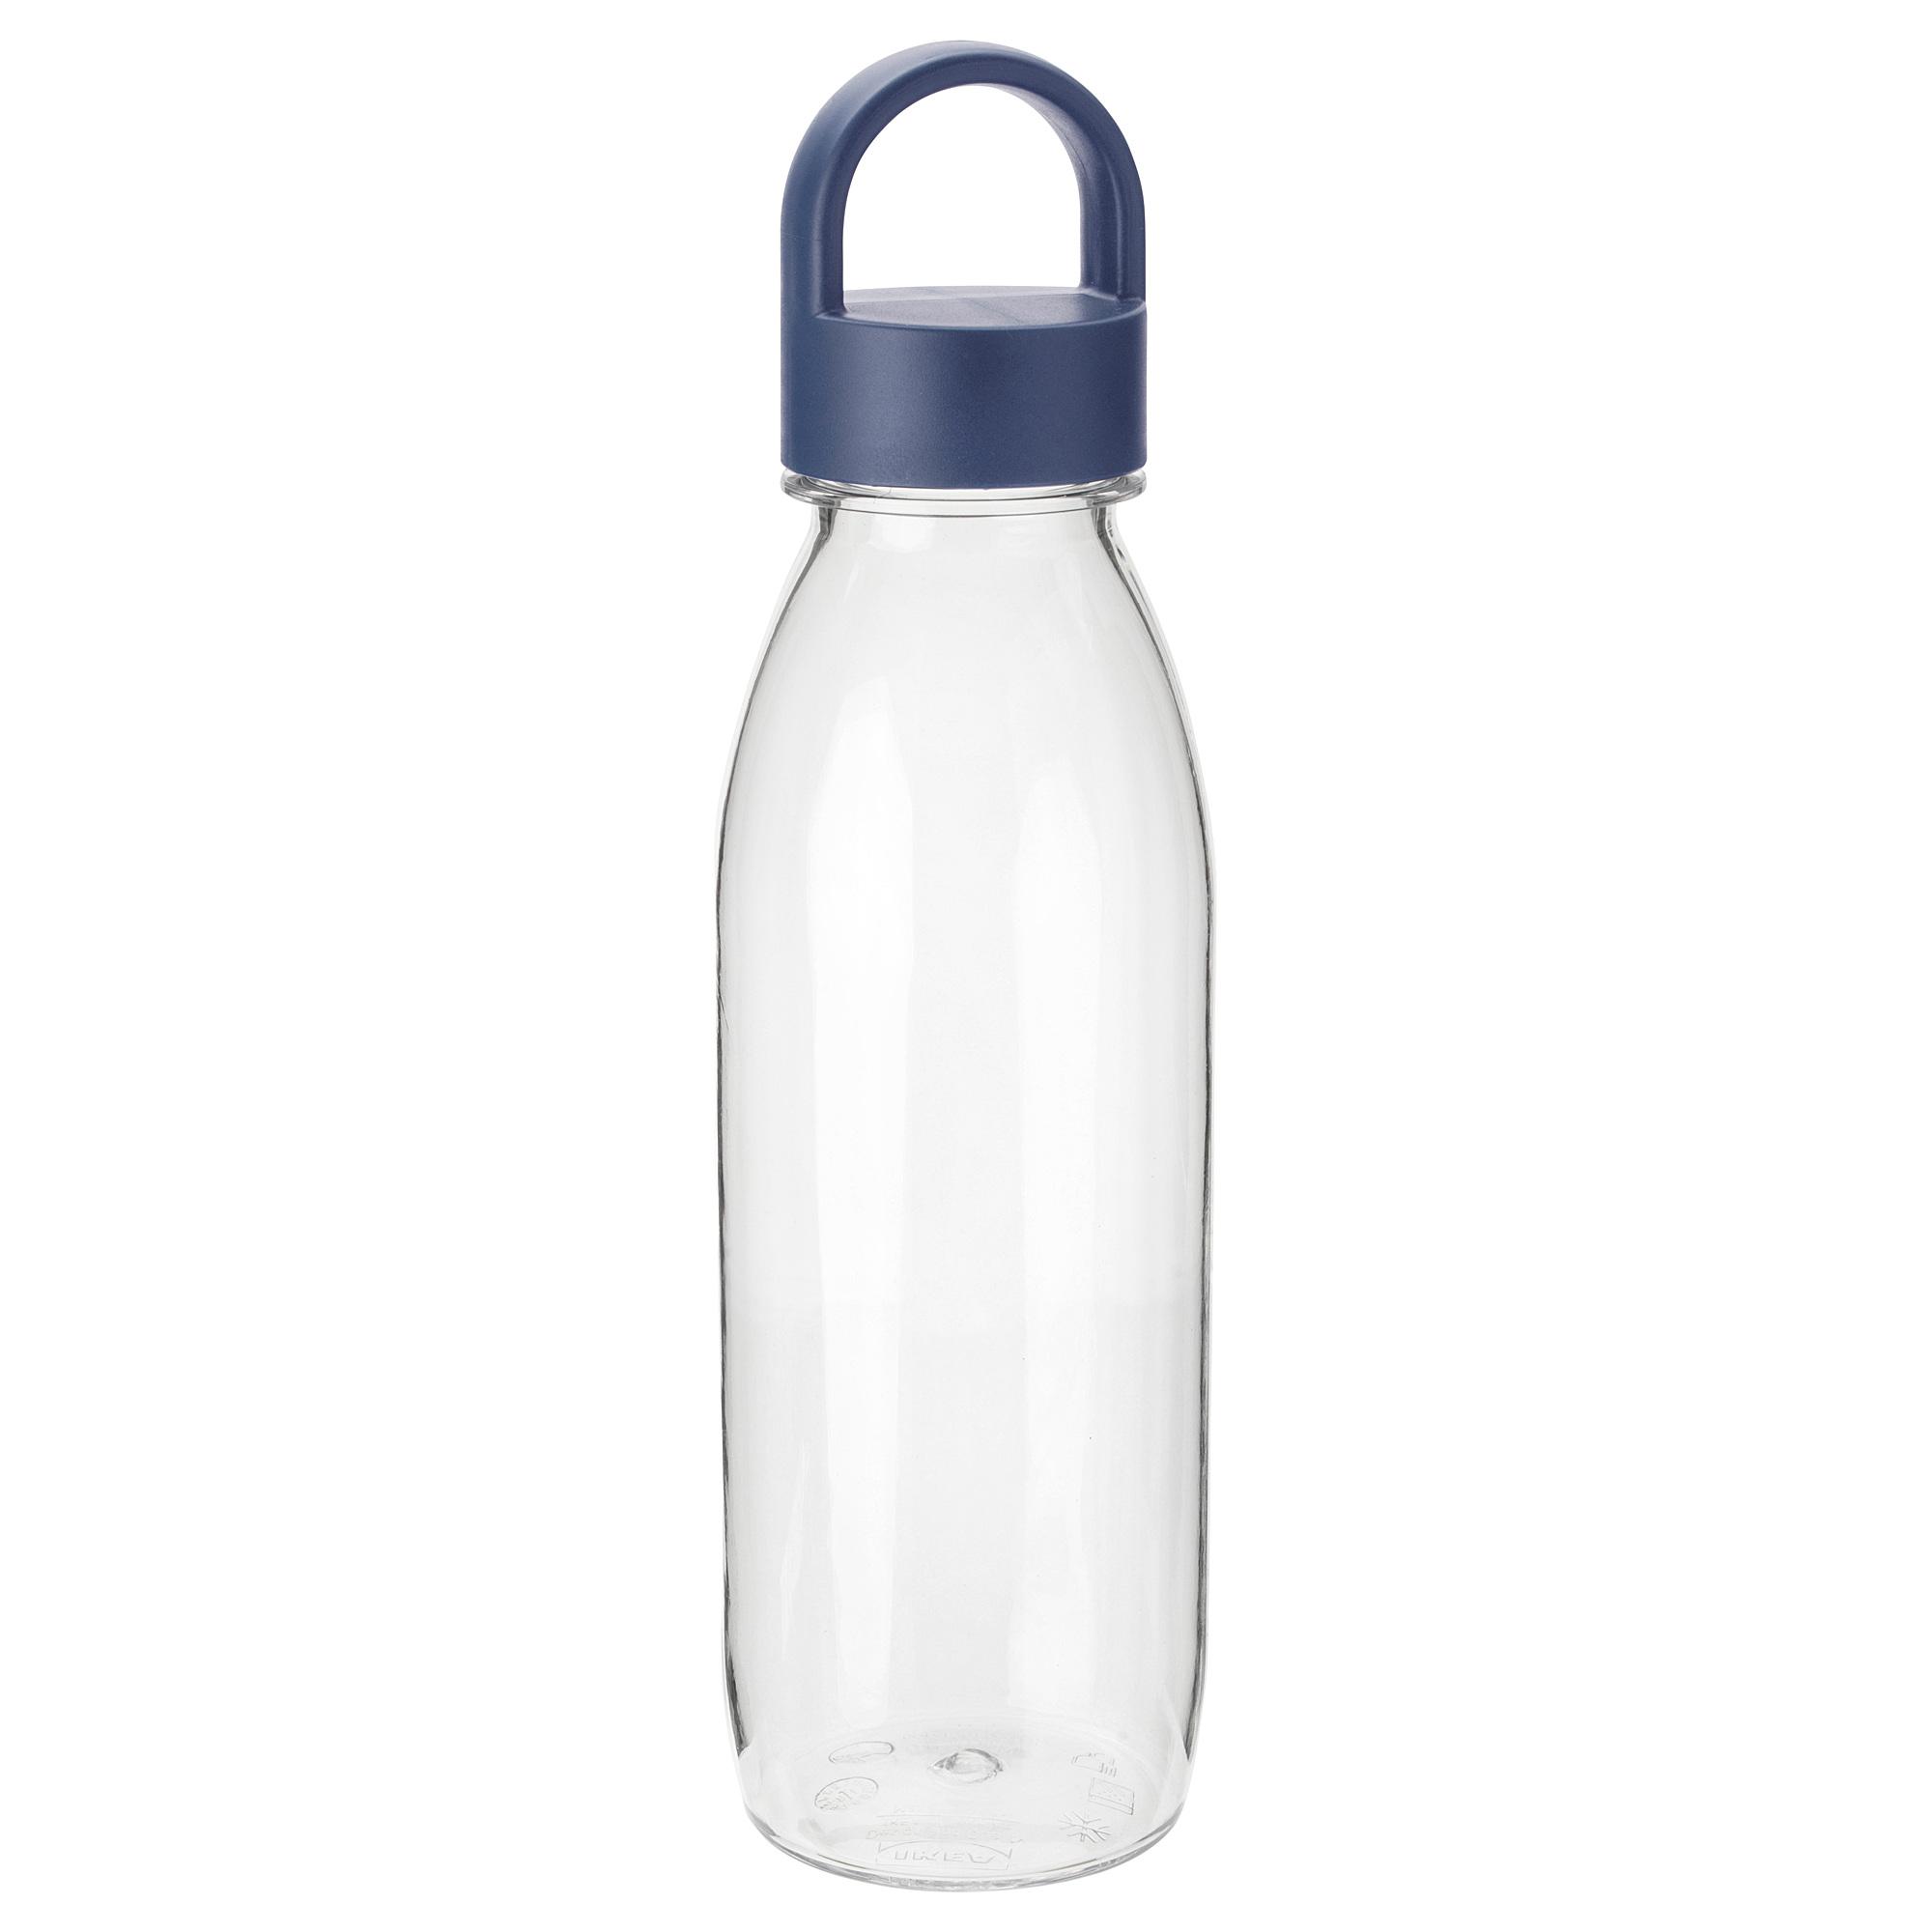 水瓶_IKEA365+-水瓶,藍色|IKEAHongKong